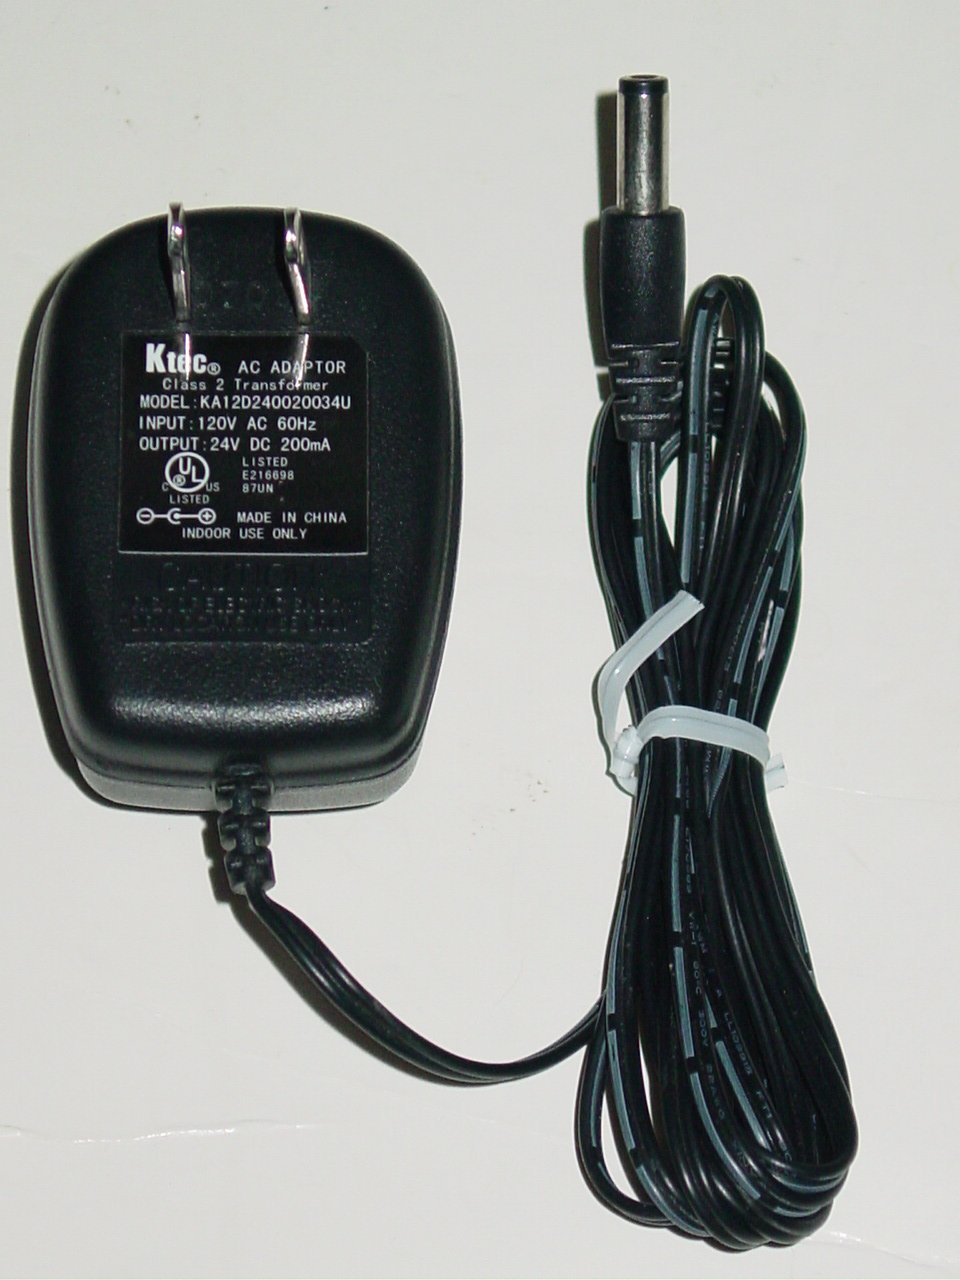 Ktec KA12D240020034U AC Adapter 24V 200mA